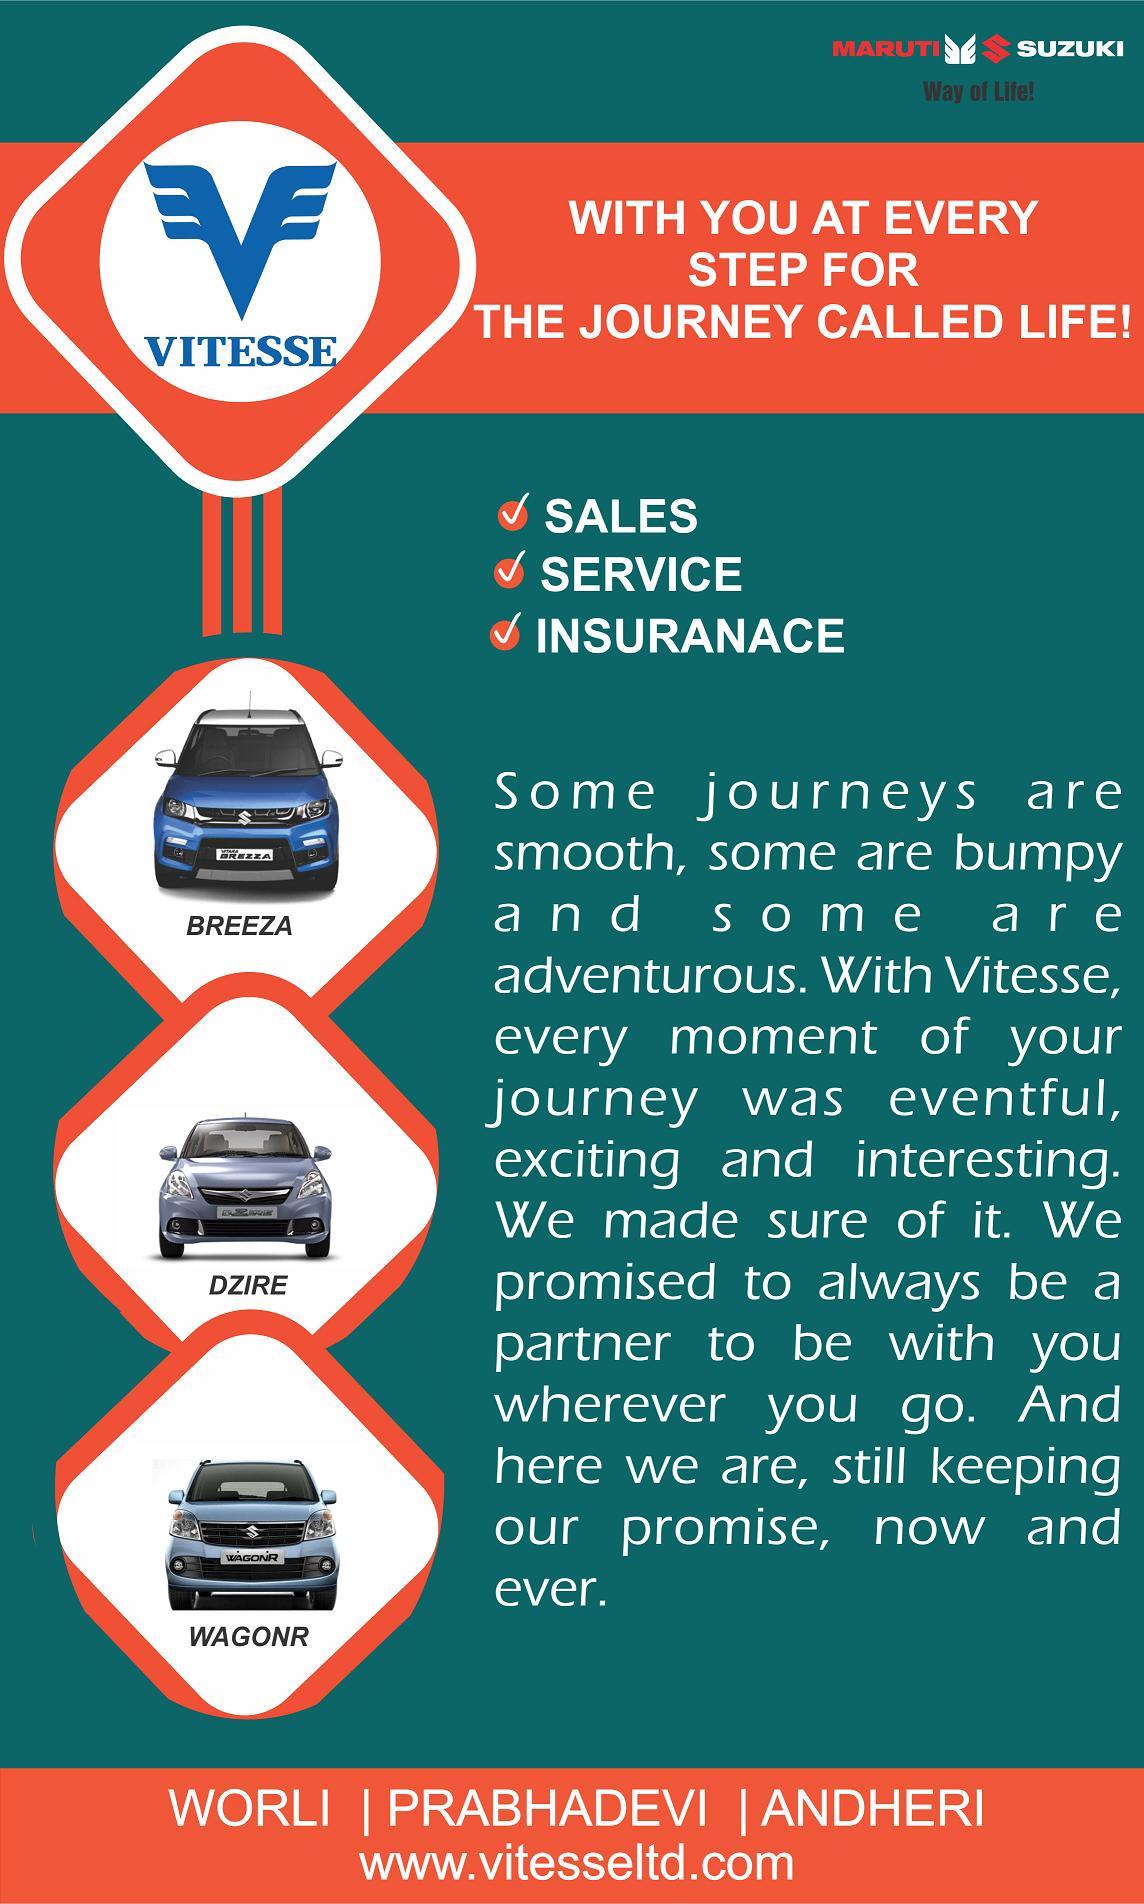 Best Deals on Dream Maruti Cars www.vitesseltd.com